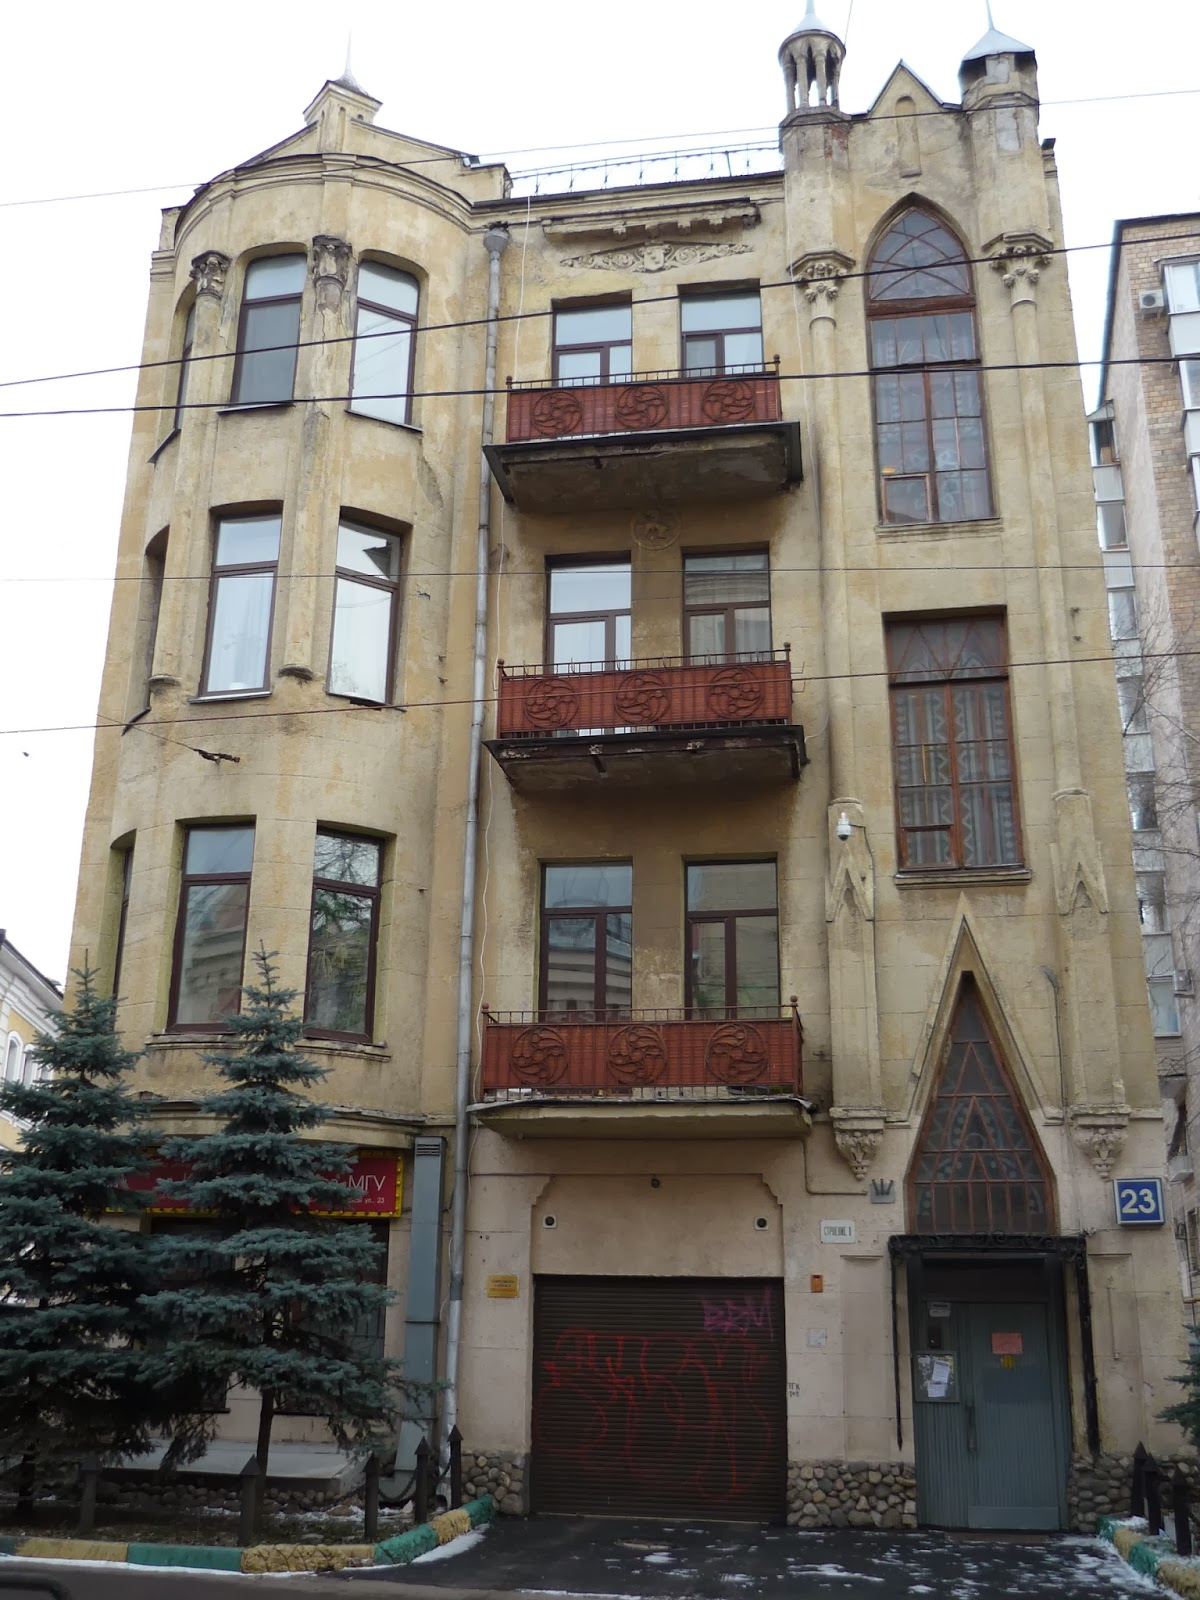 4b0bdbe998b7 Угловой доходный дом № 33 по левой стороне, принадлежал купцу-лесоторговцу  Петру Рахманинову и был построен в 1896 ...